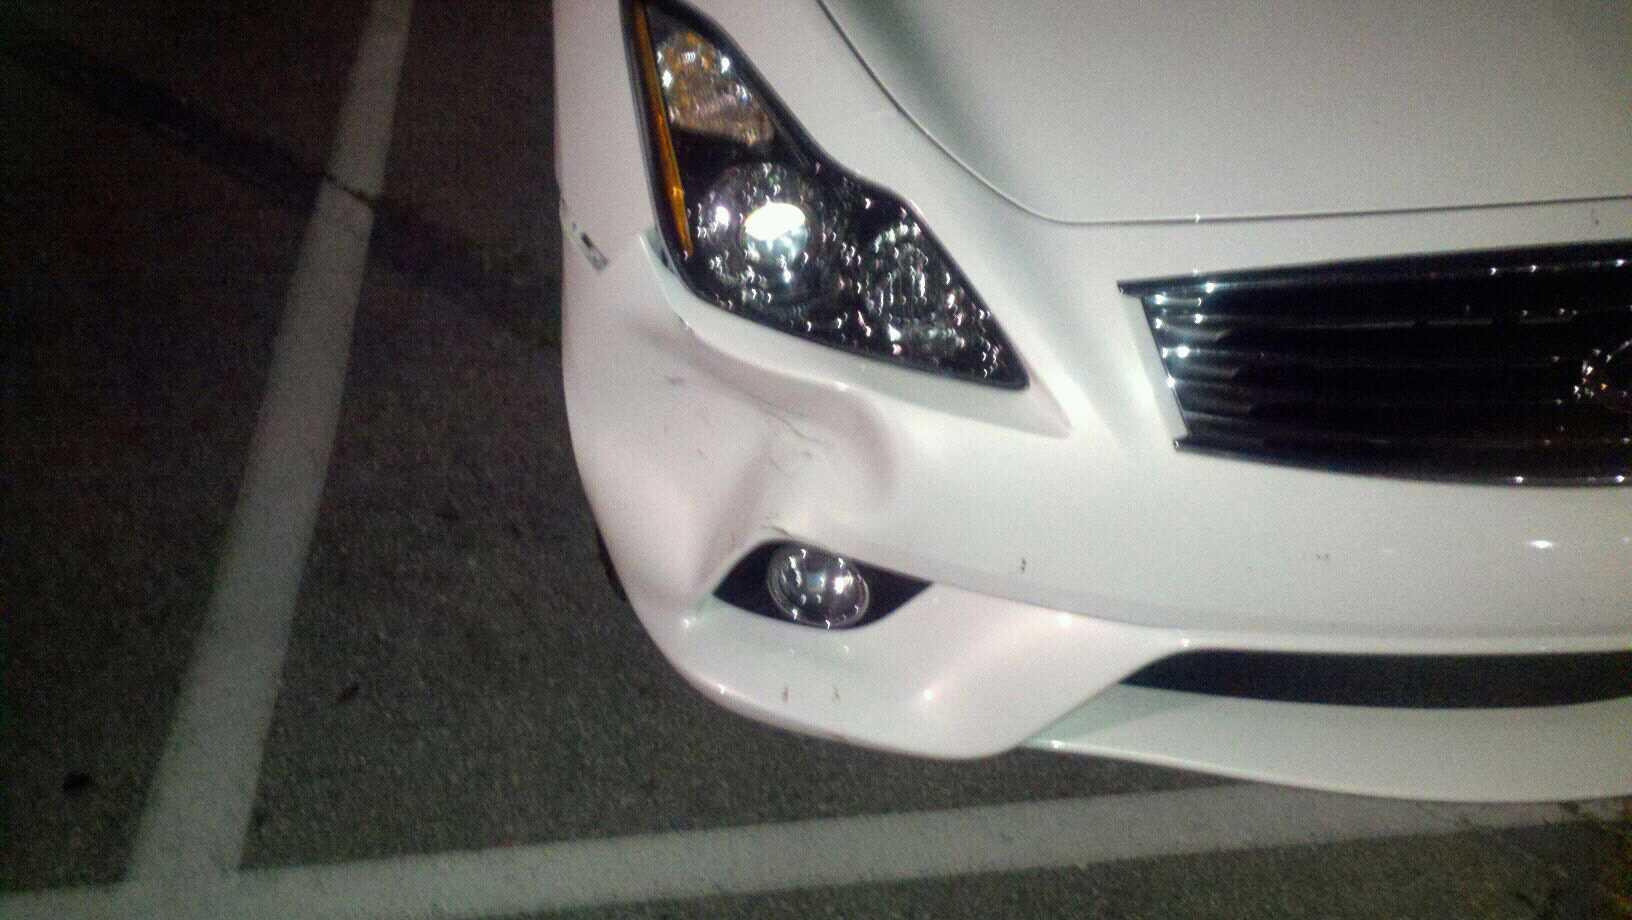 Câu chuyện về chiếc mũi xe bẹp